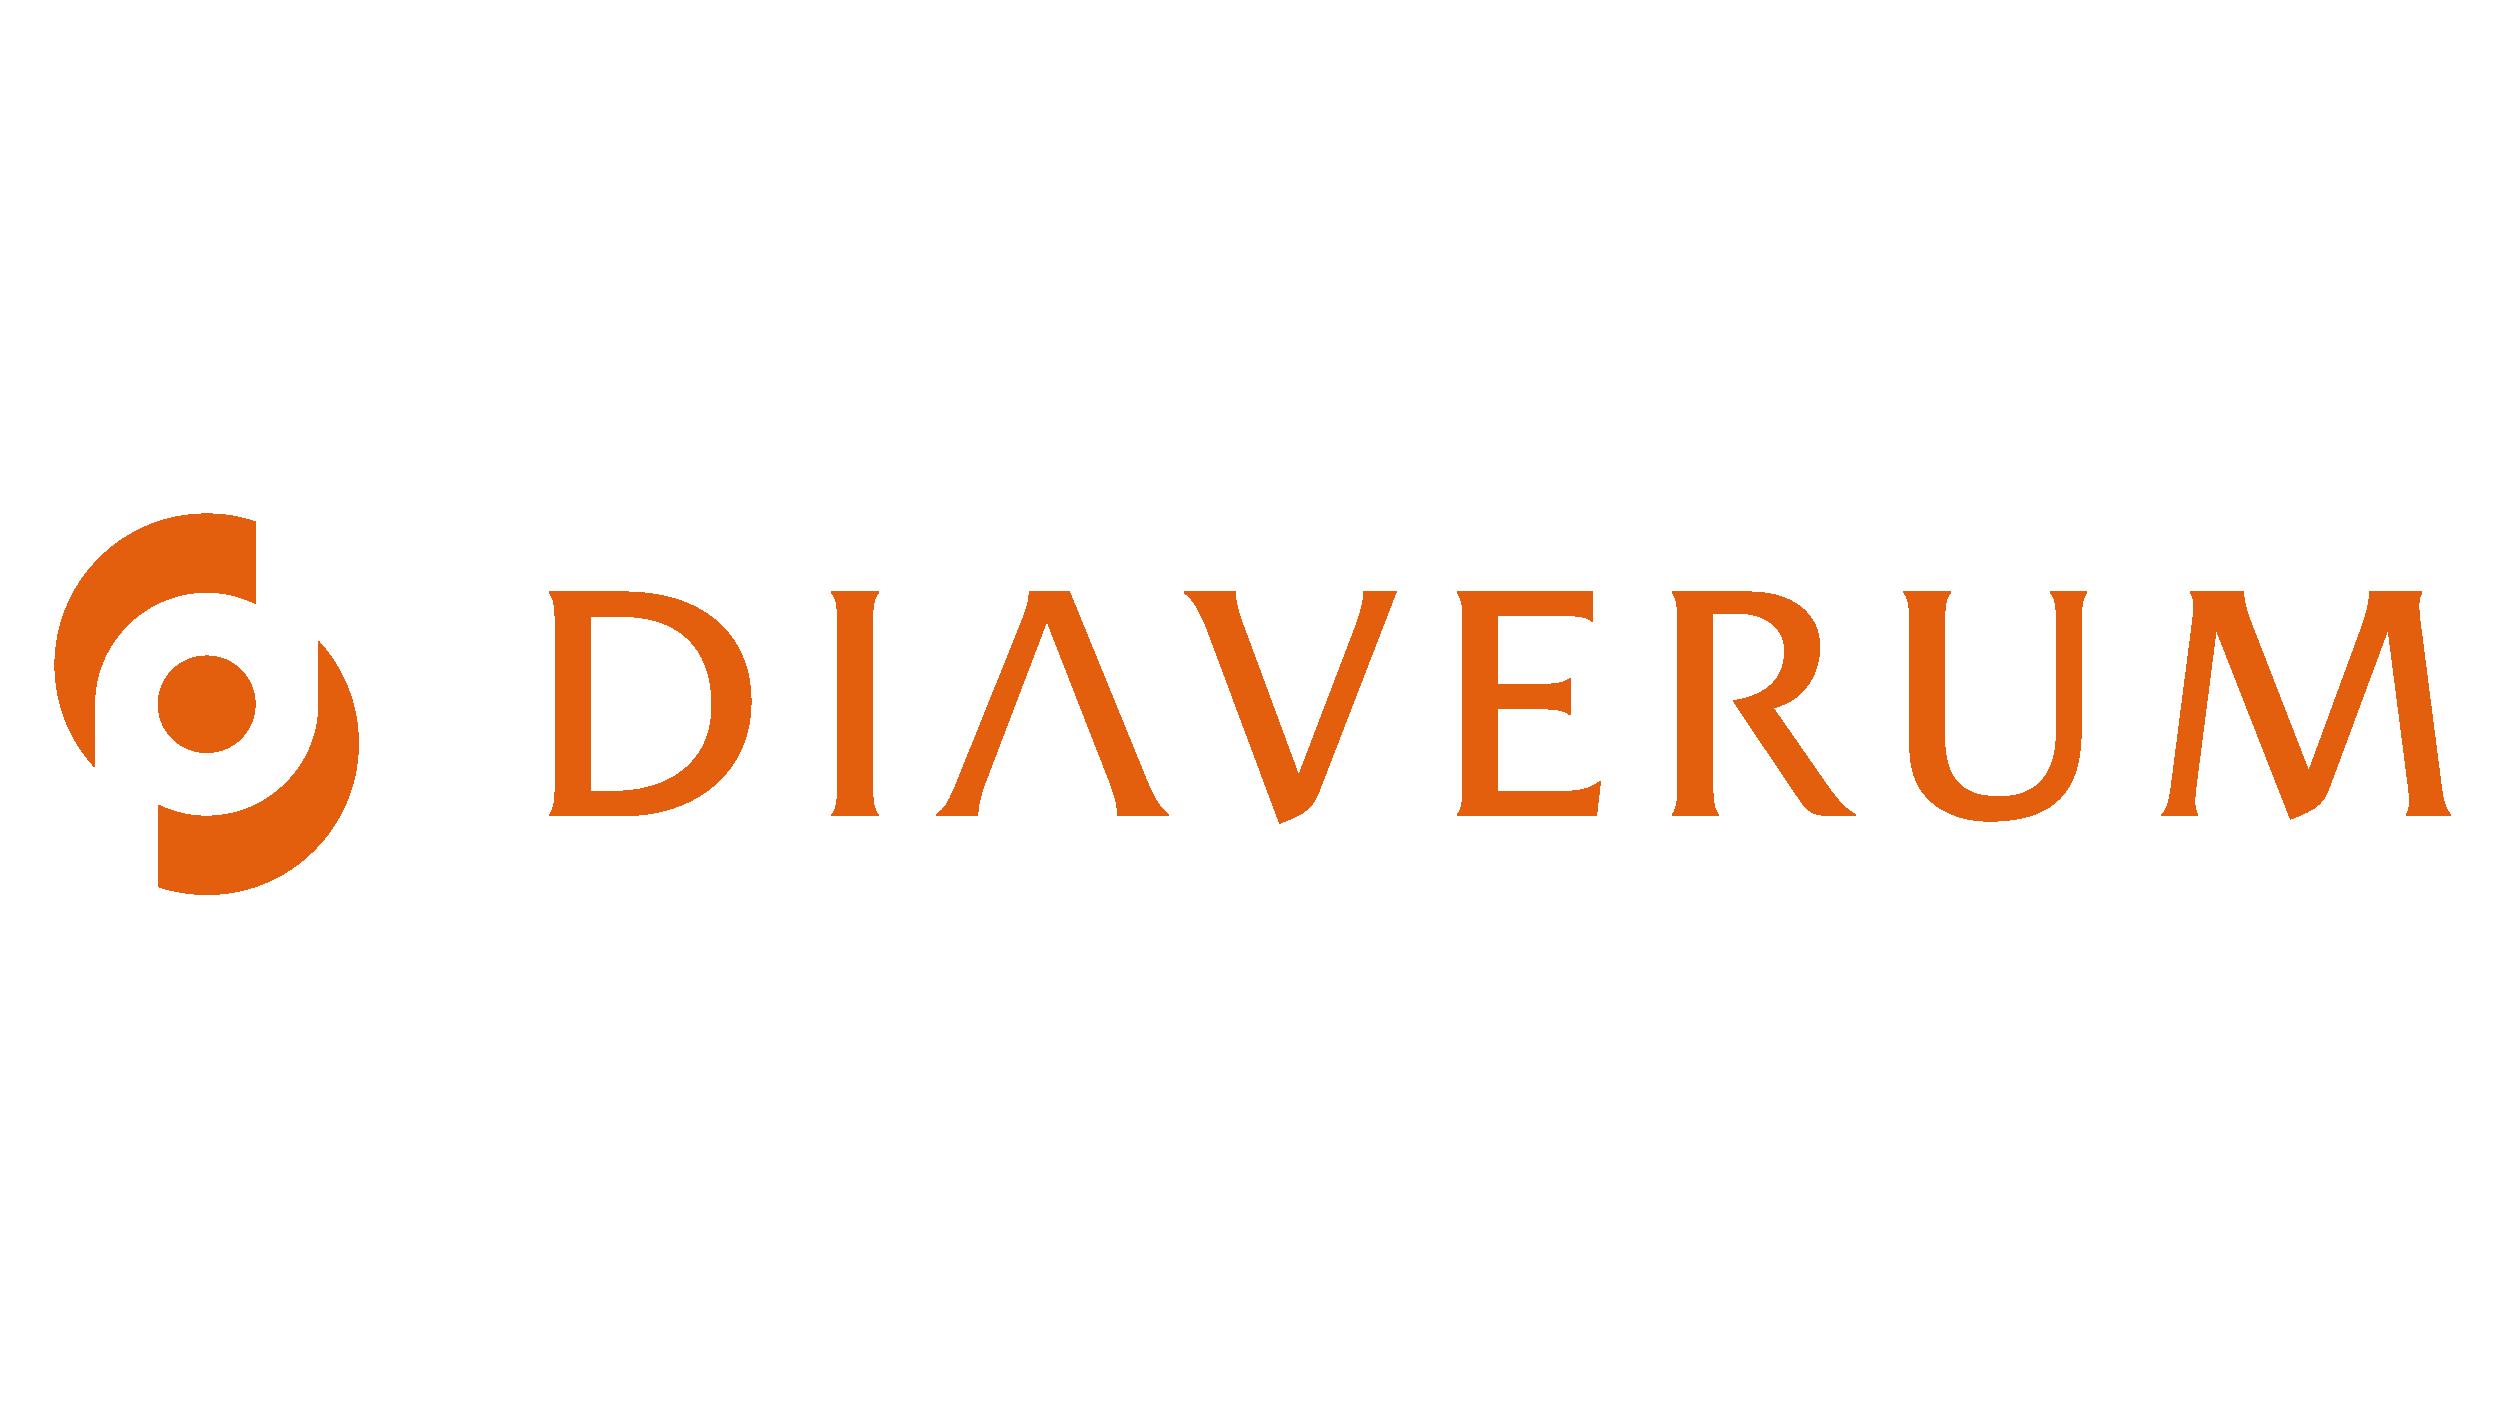 DIAVERUM ROMANIA